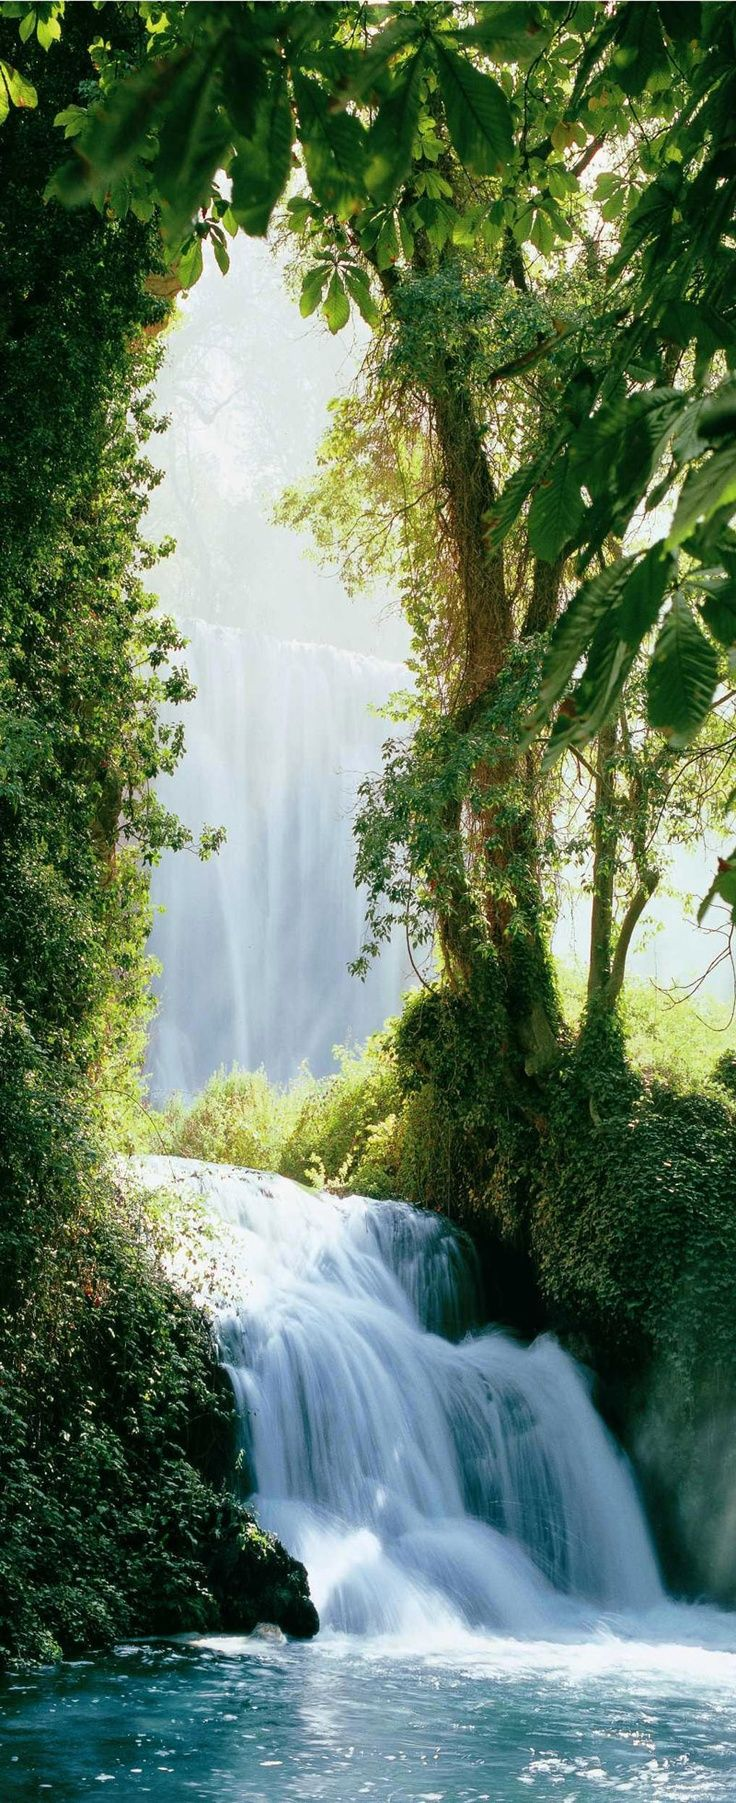 Zaragoza Falls, Waterfall, Pyrenees (border of France and Spain)